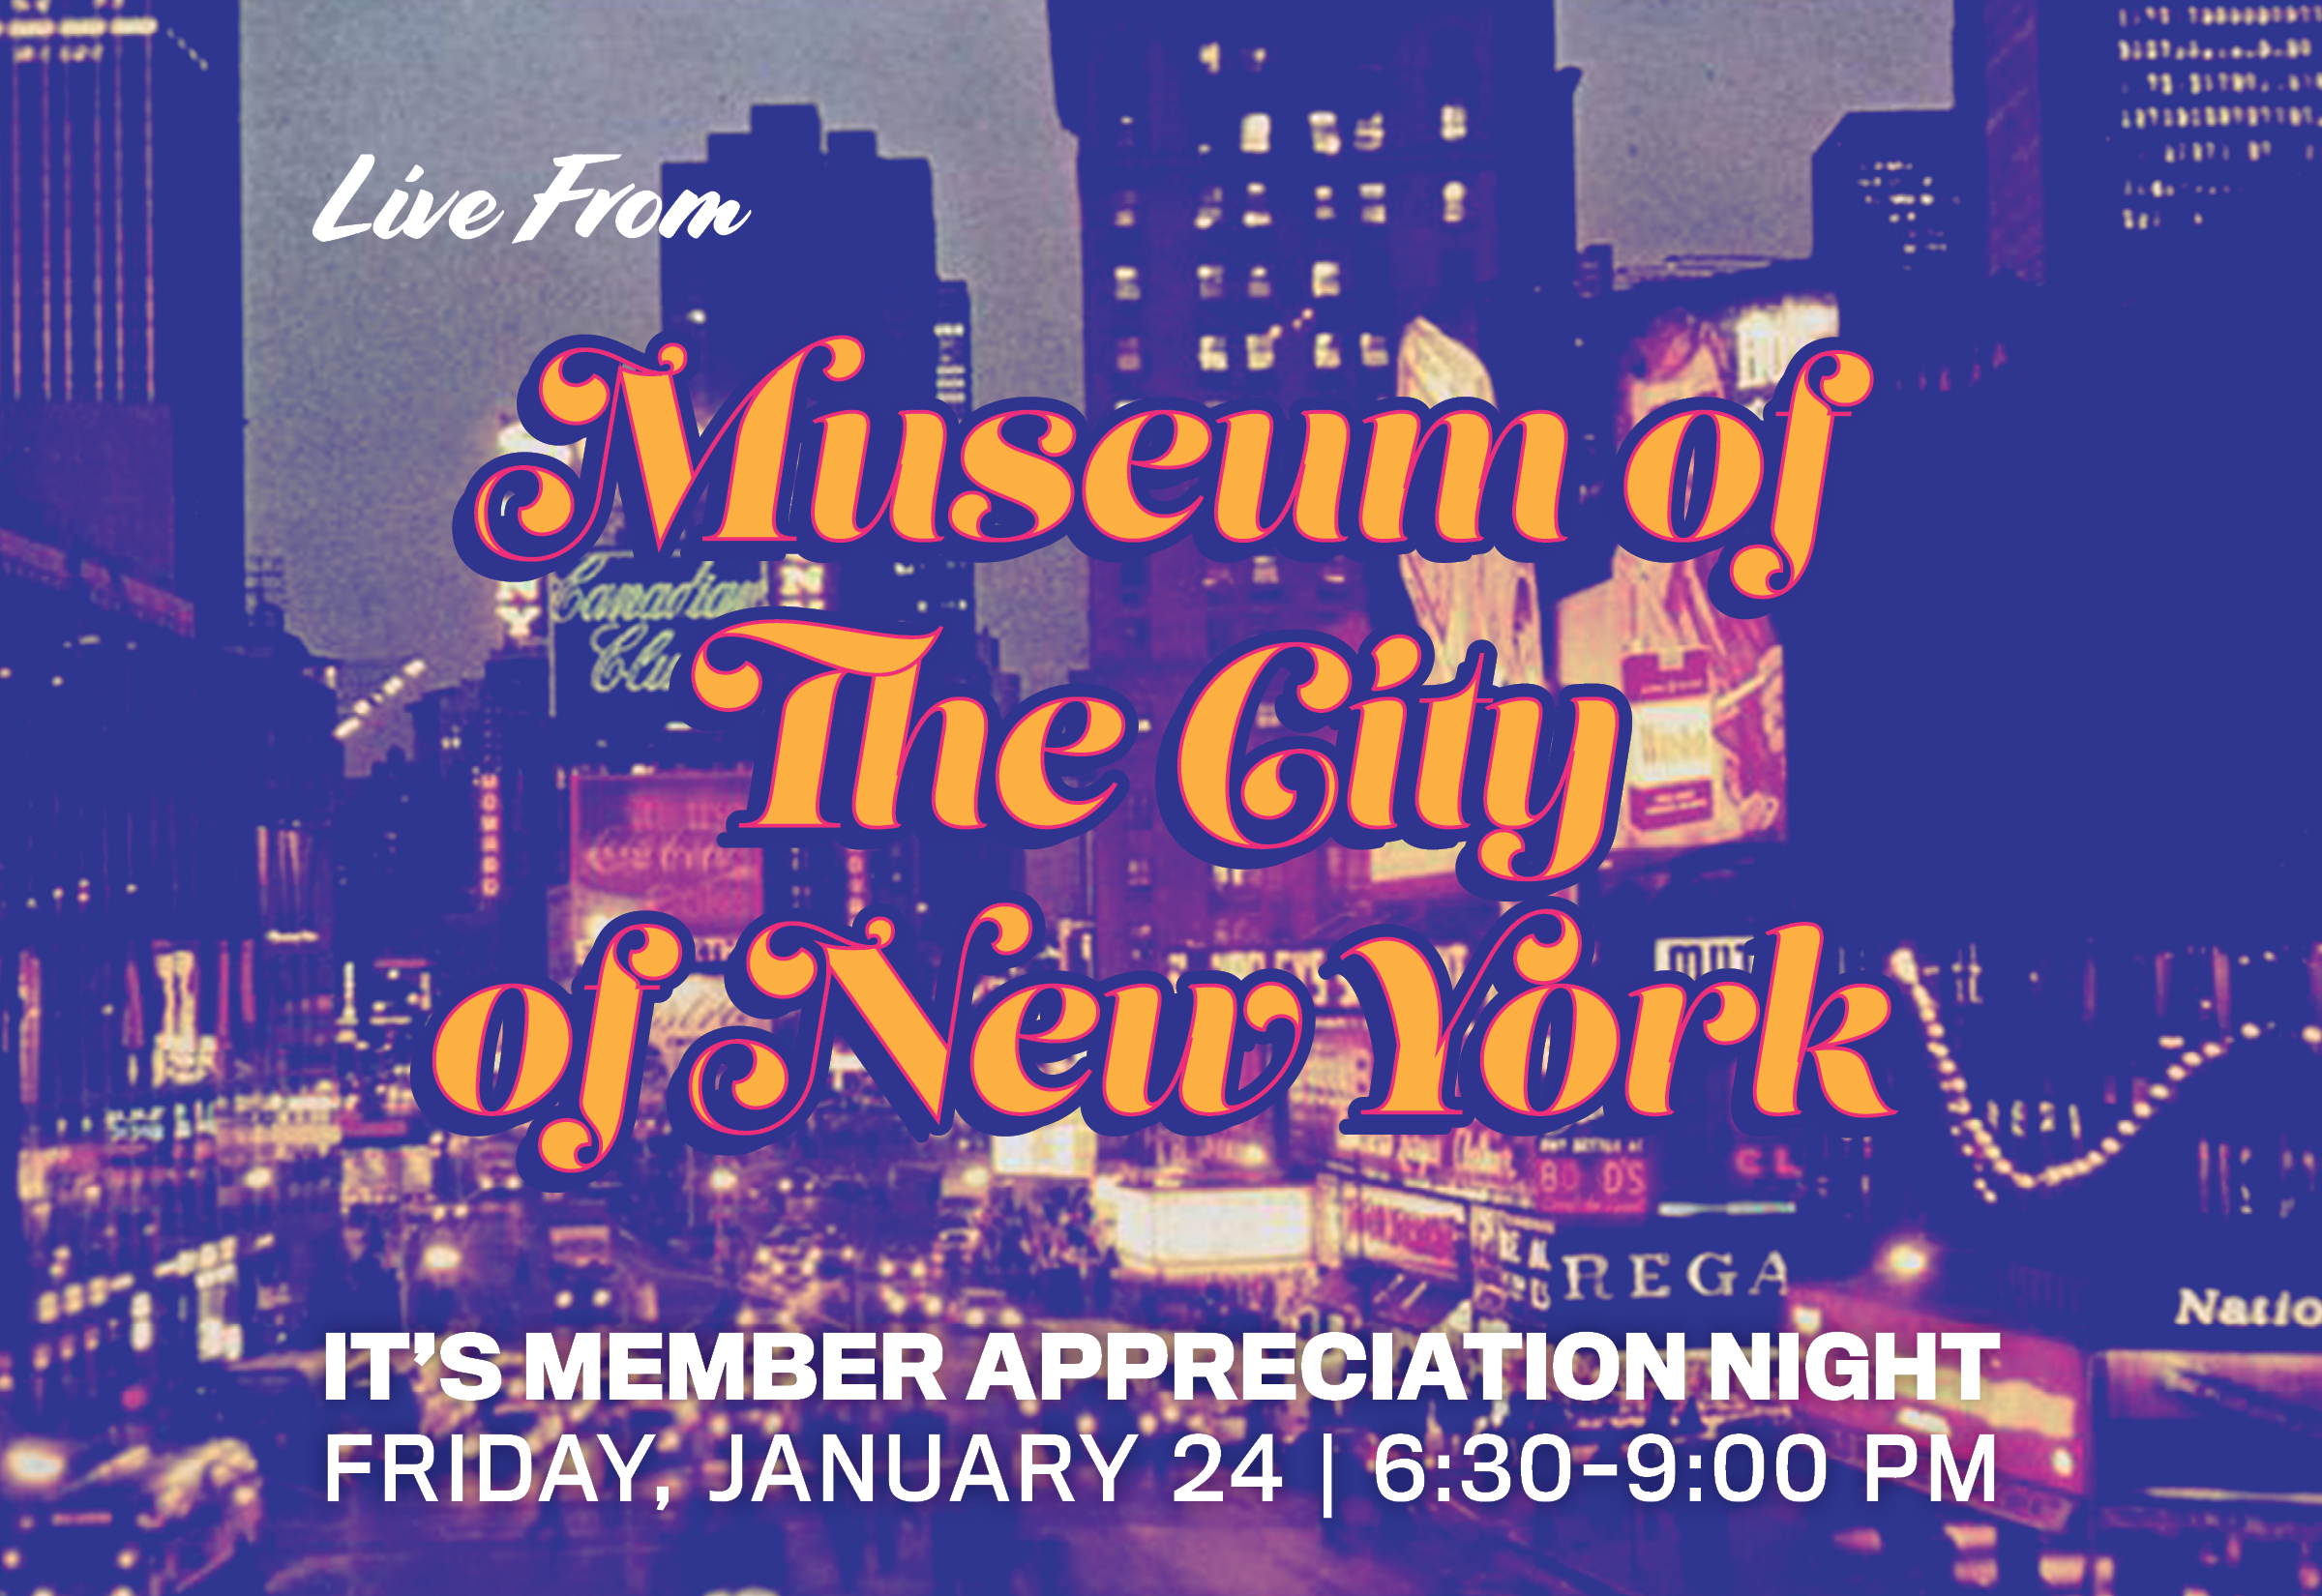 Junte-se a nós na noite de agradecimento aos membros!